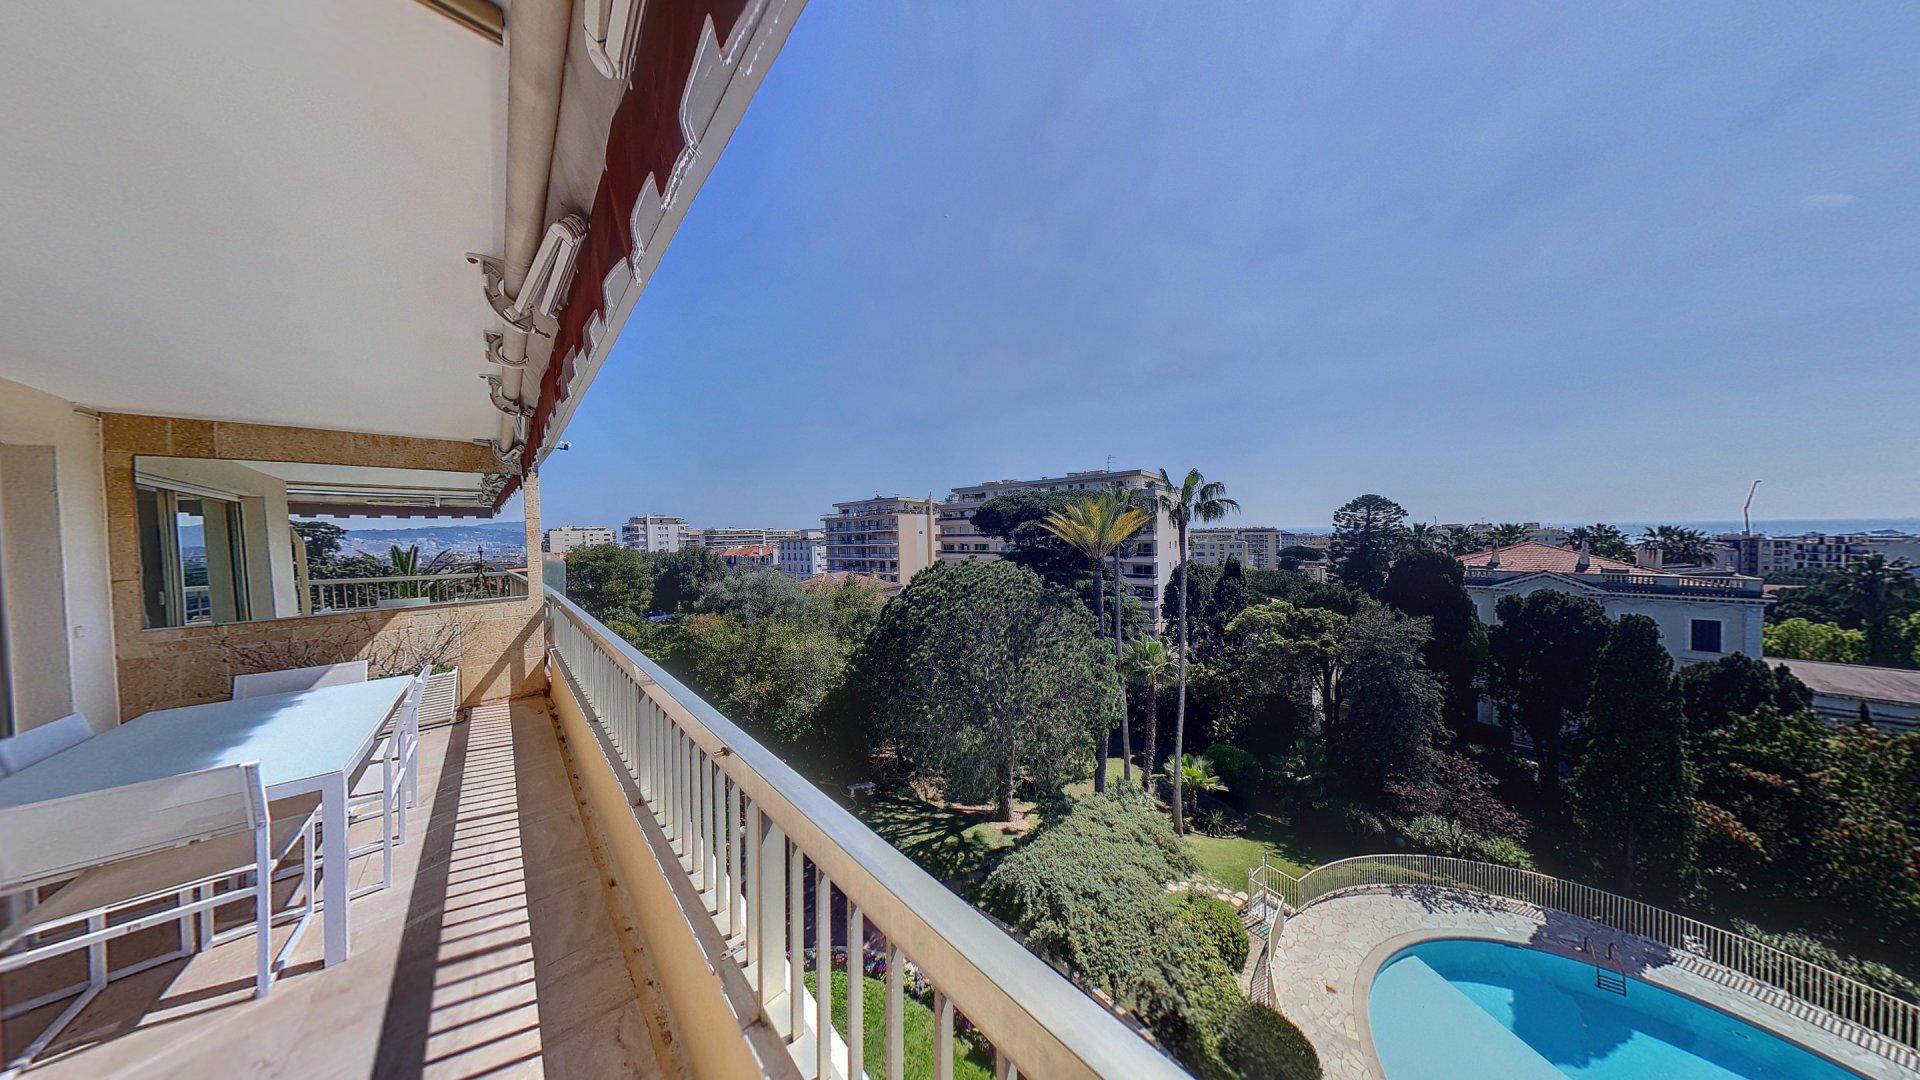 Lägenhet till salu i Cannes Basse Californie med panoramautsikt